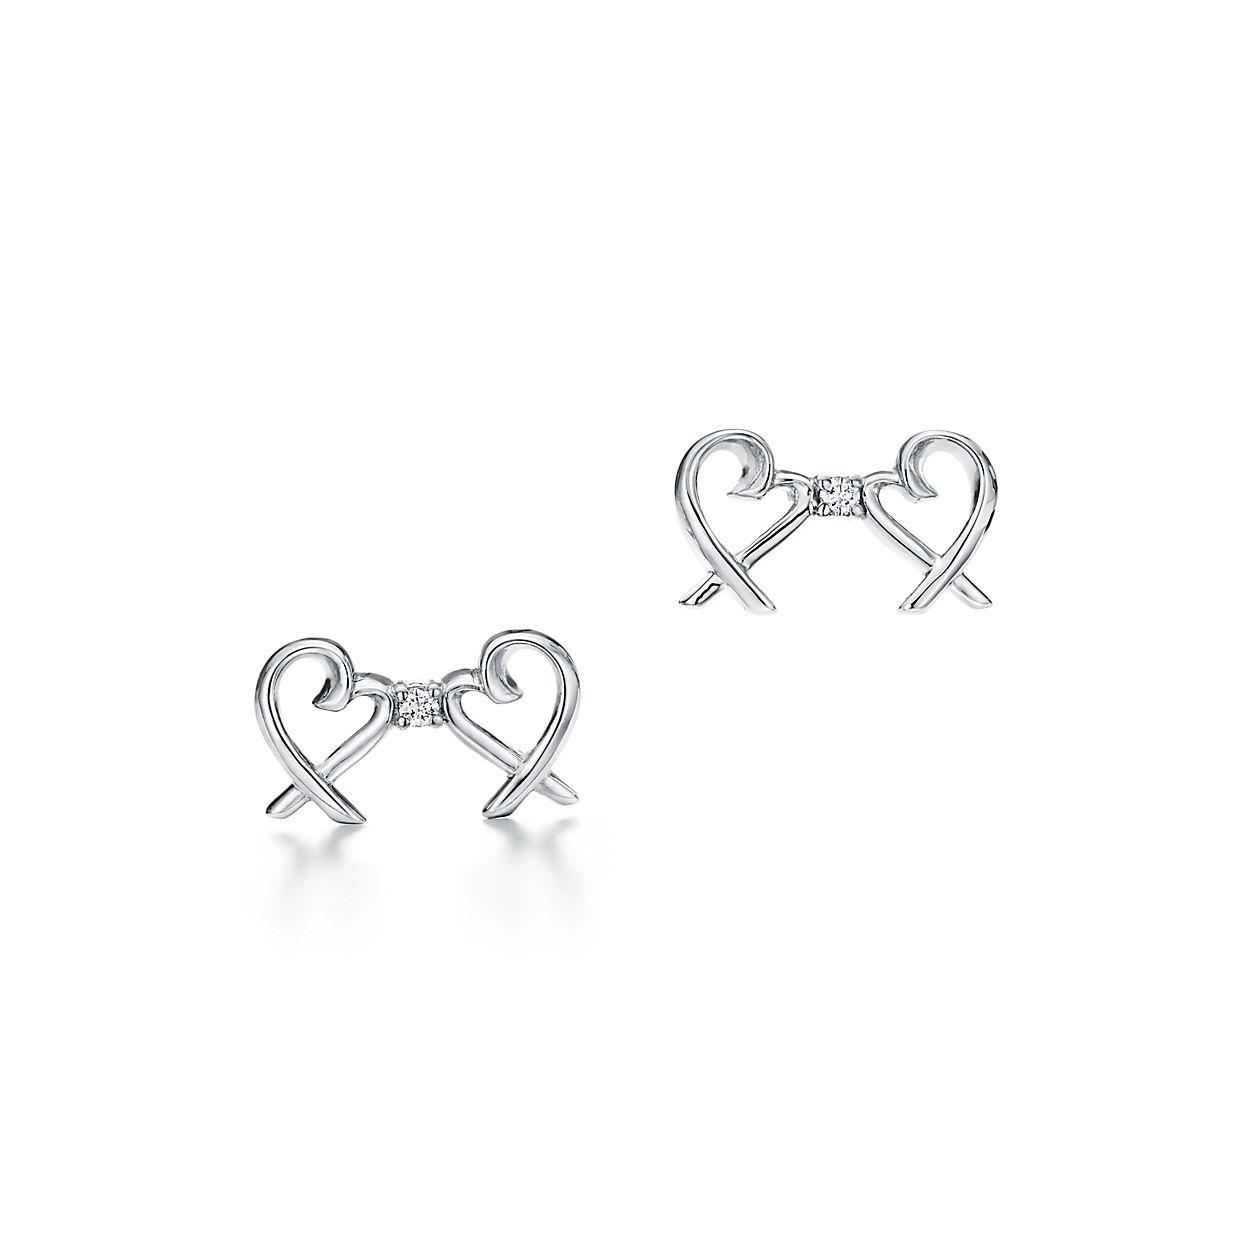 Paloma Pico Double Loving Heart Earrings